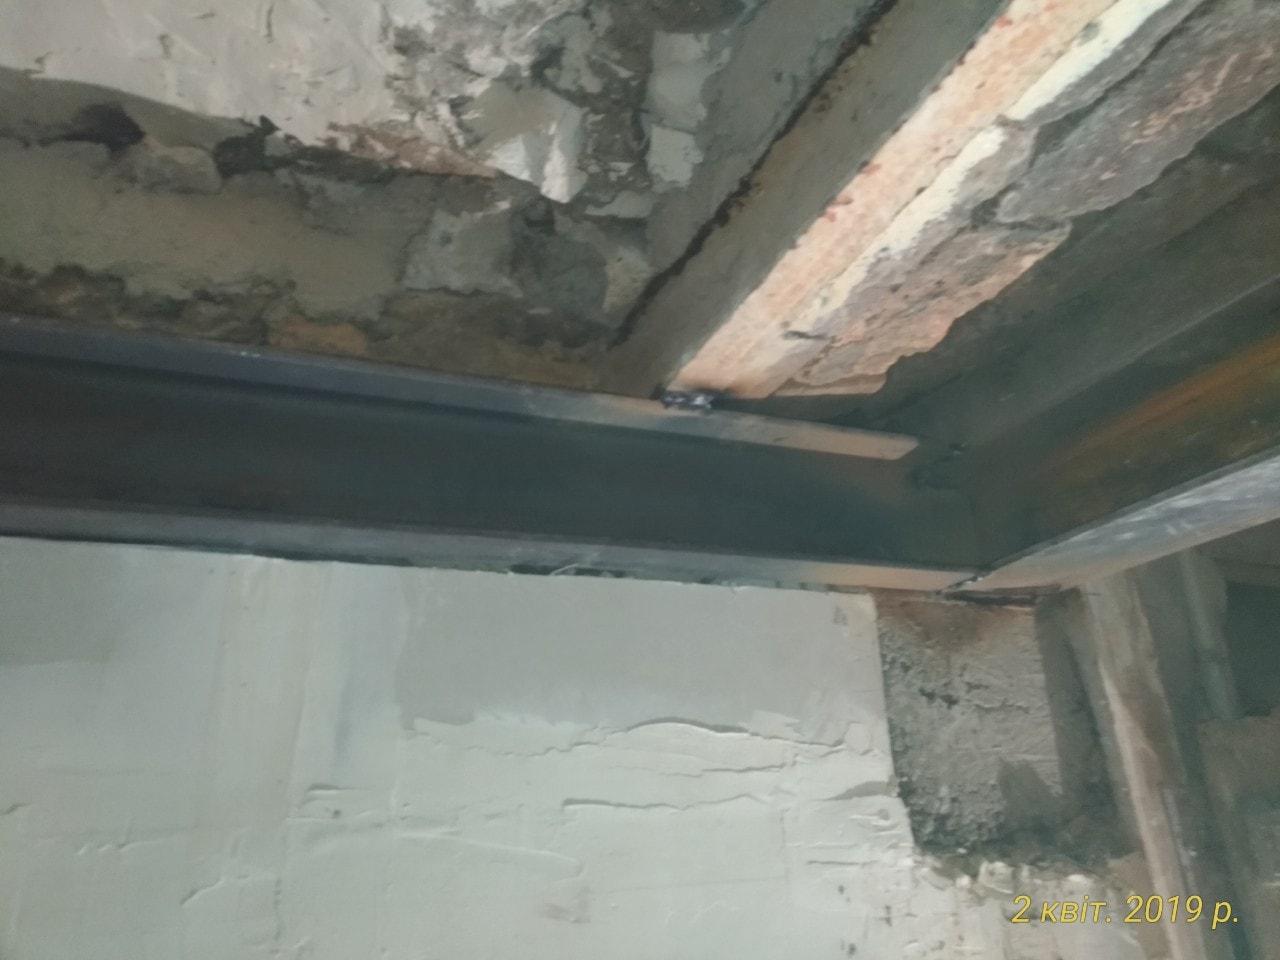 Reprise de plancher et consolidation par structure métallique